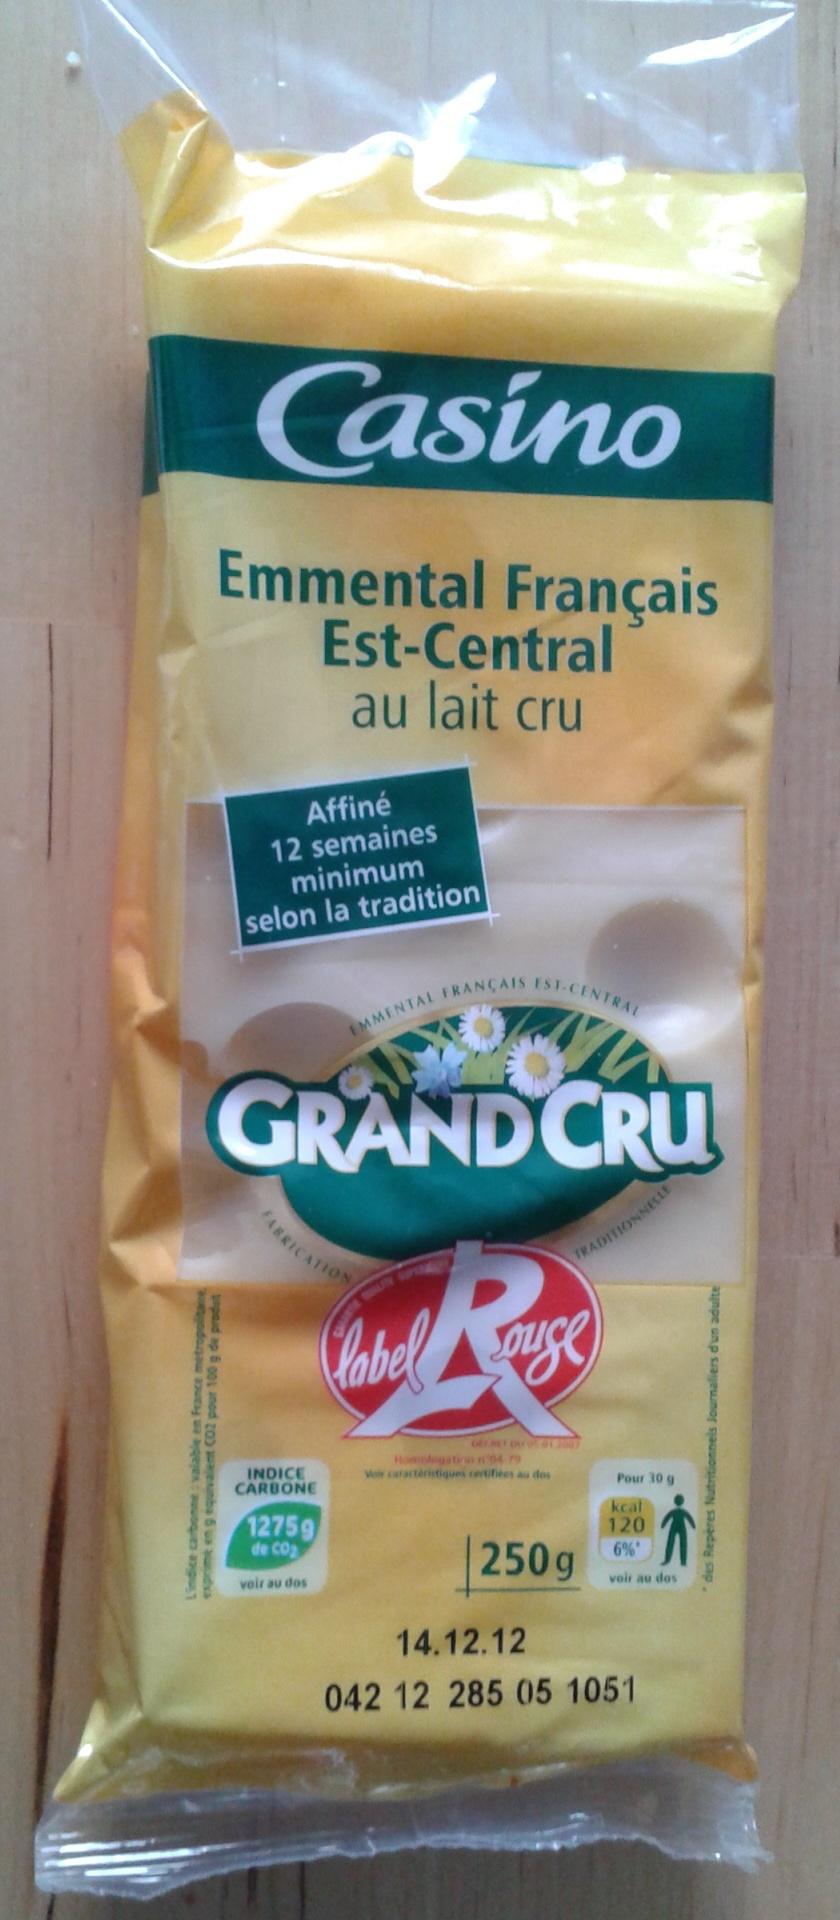 Emmental Français Est-Central IGP au lait cru (32 % MG) Grand Cru - label Rouge - Produit - fr